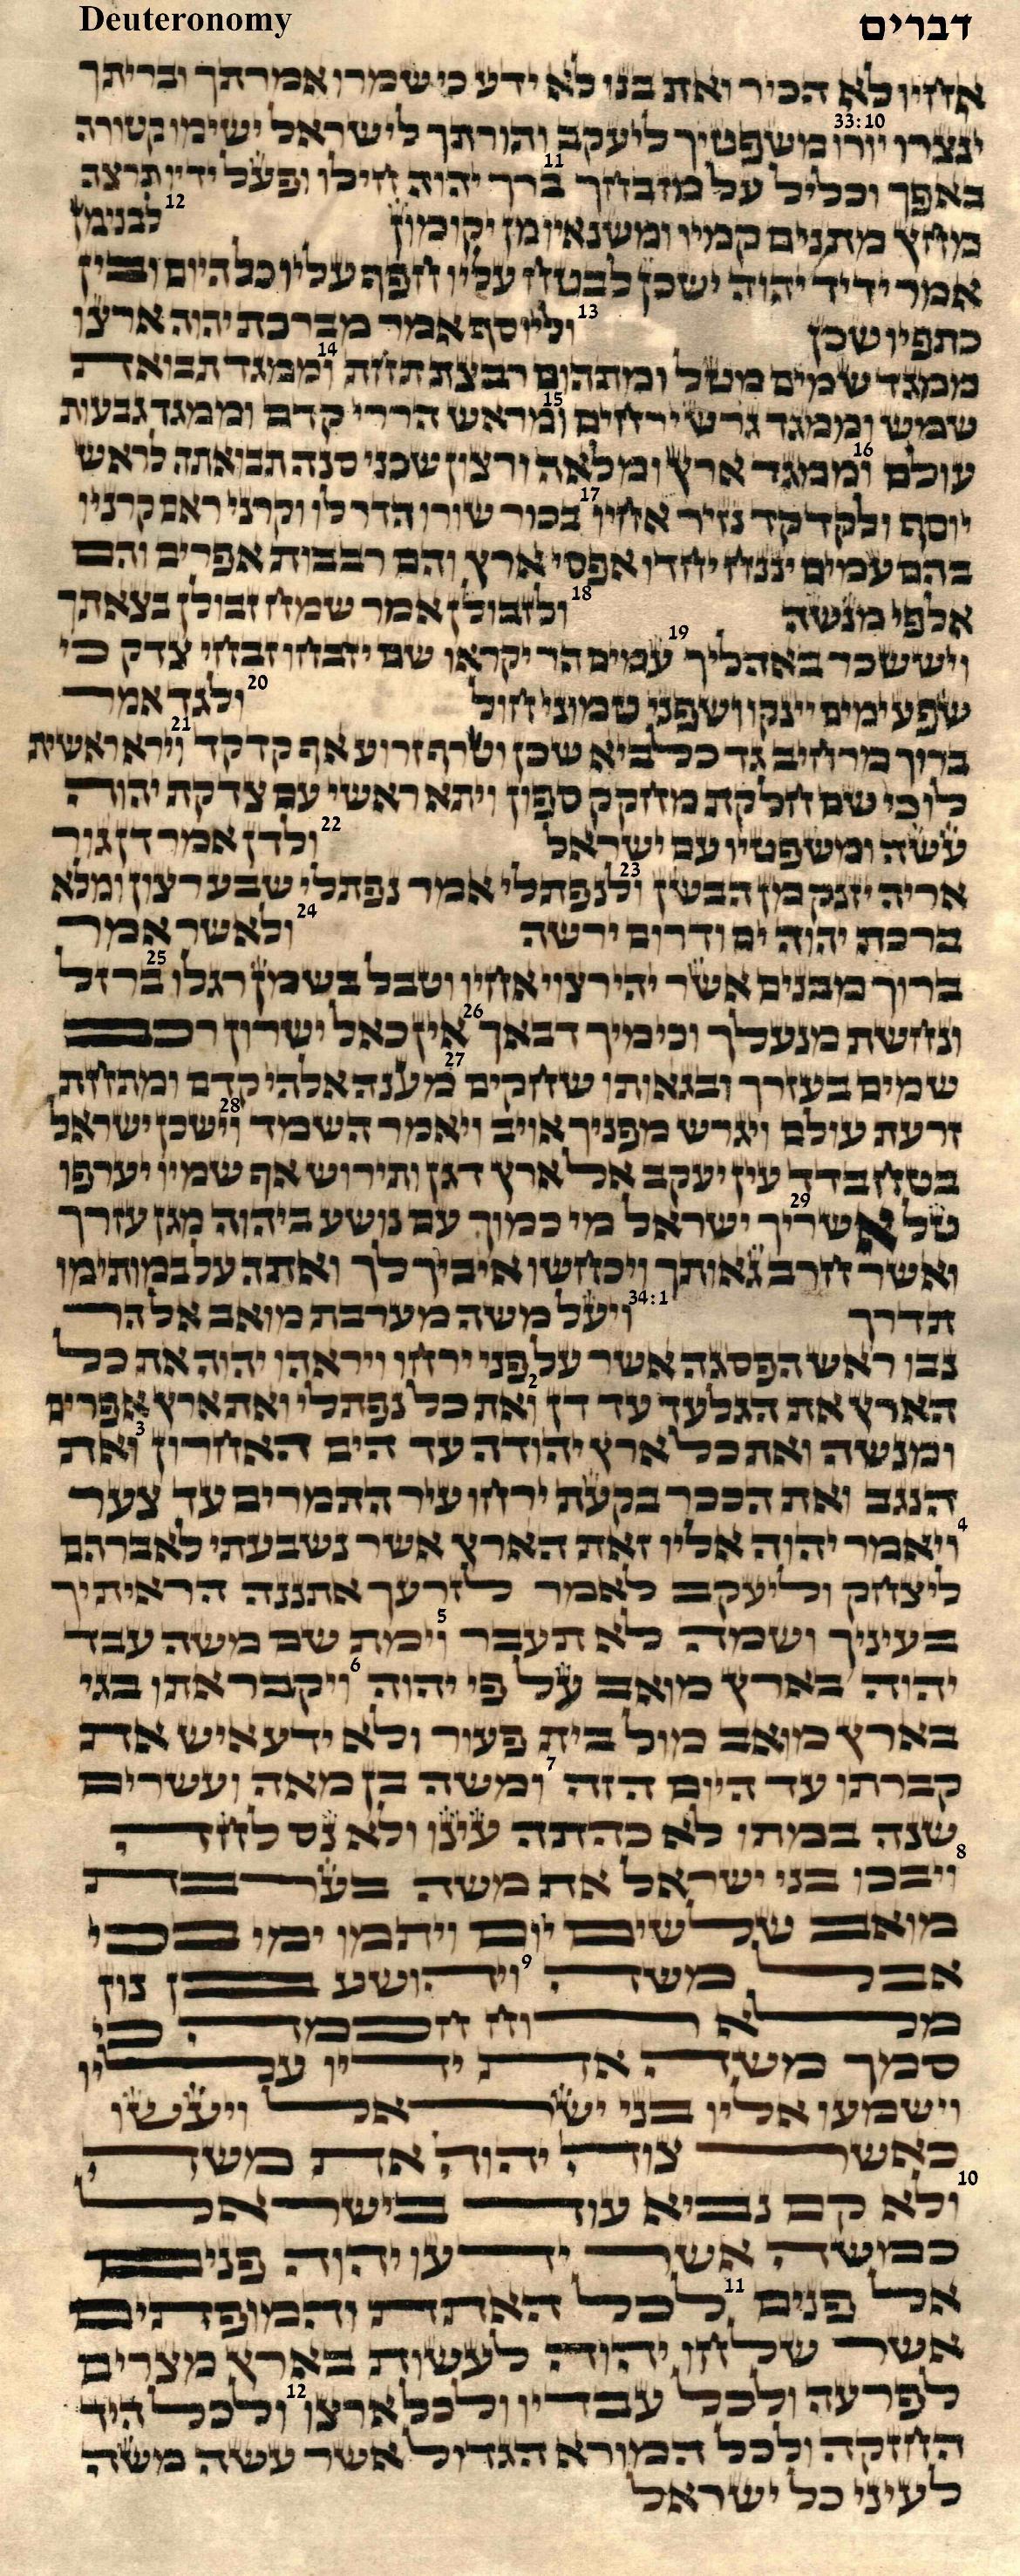 Deuteronomy 33.10 - 34.12